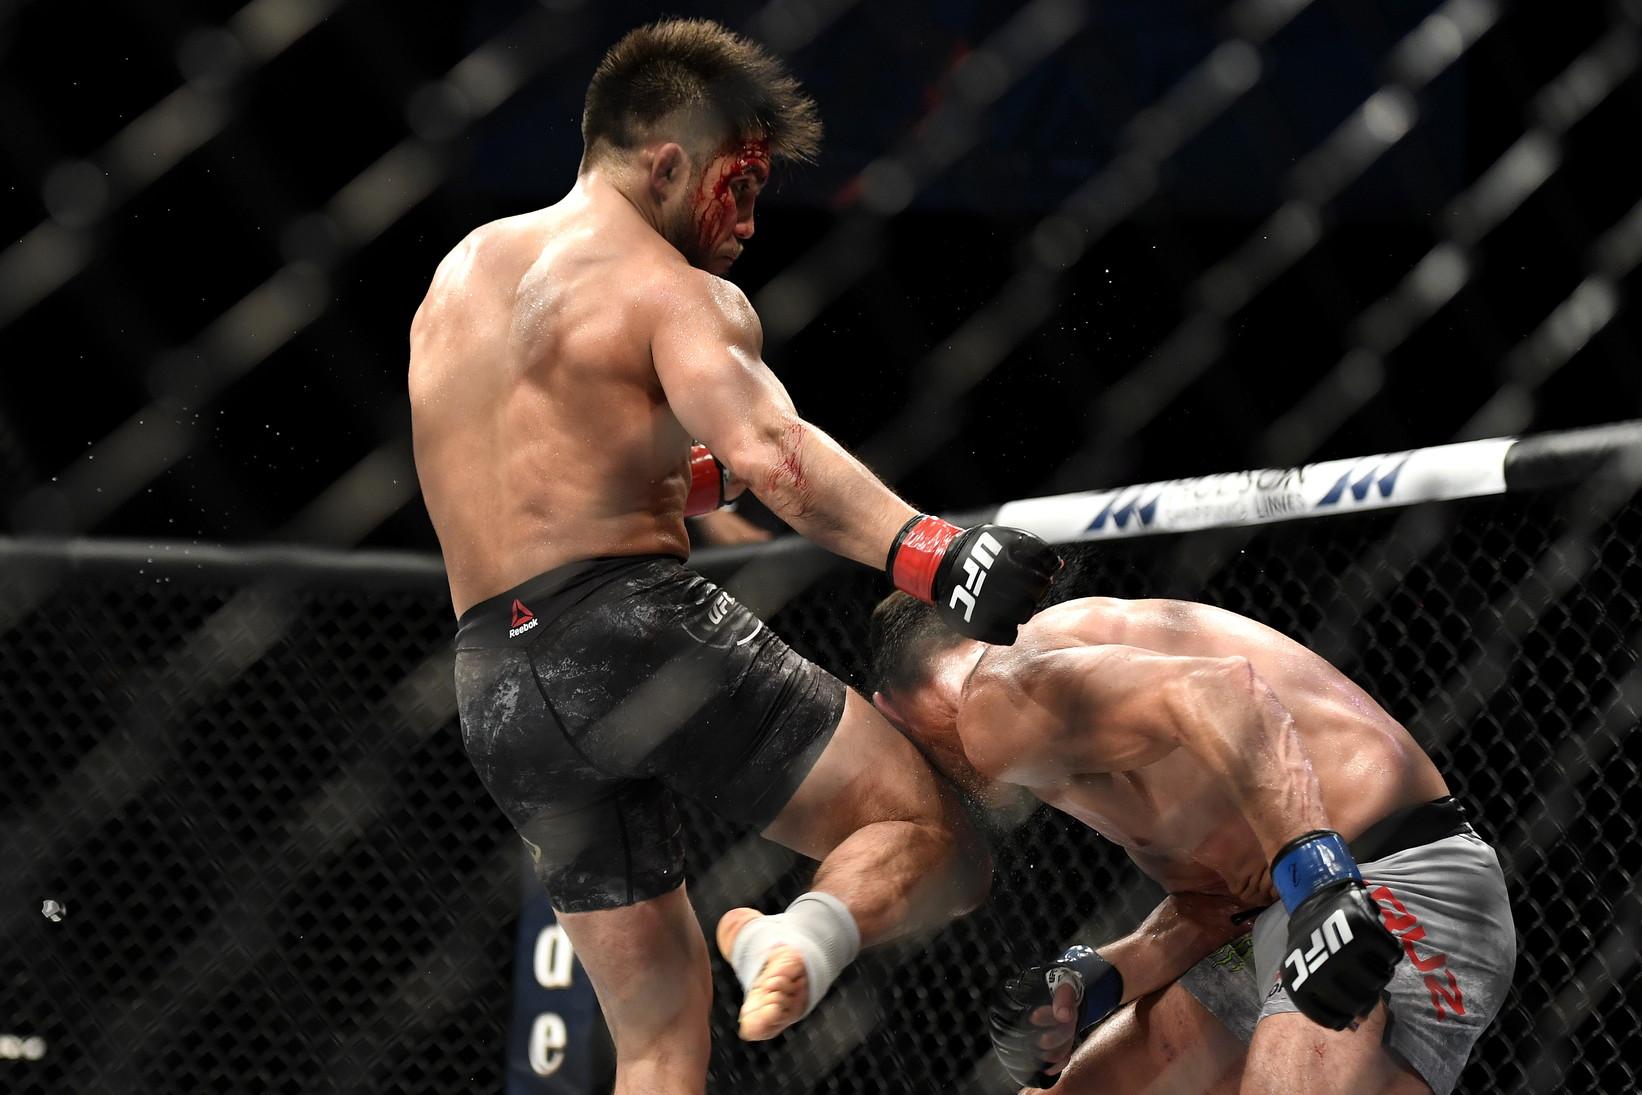 L'UFC riparte in Florida senza paura, anche durante la pandemia di Covid-19: niente pubblico, sanificate le gabbie, mascherine per staff tecnico e medici ma i combattimenti di arti marziali miste si fanno senza alcuna protezione. Un solo match annullato, quello di Jacaré, risultato positivo.